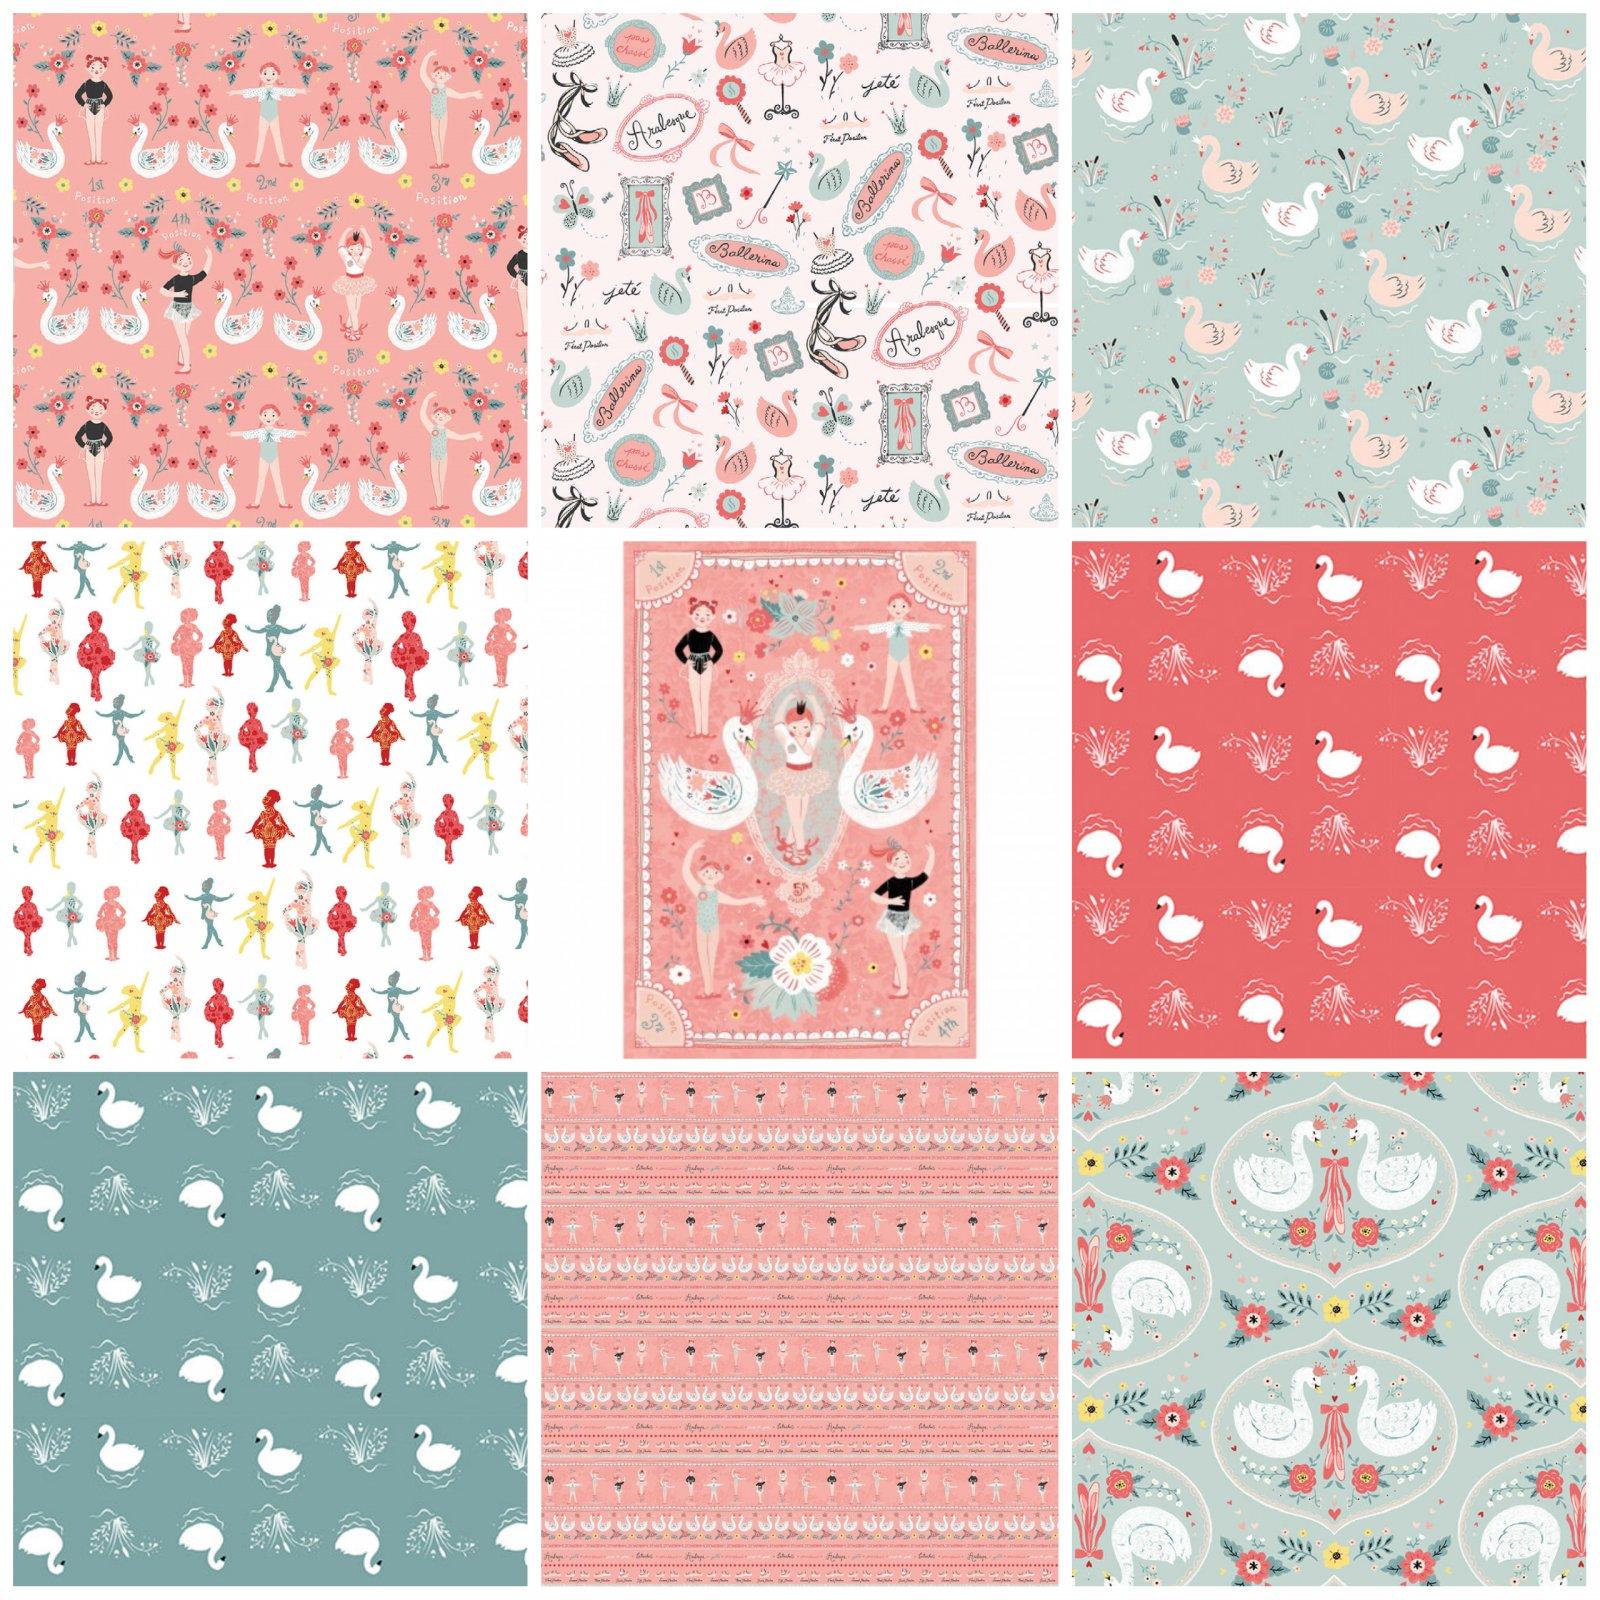 Bella Ballerina - Fat Quarter Bundle 9pc/bundle - By Lucie Crovatto for Studio E Fabrics